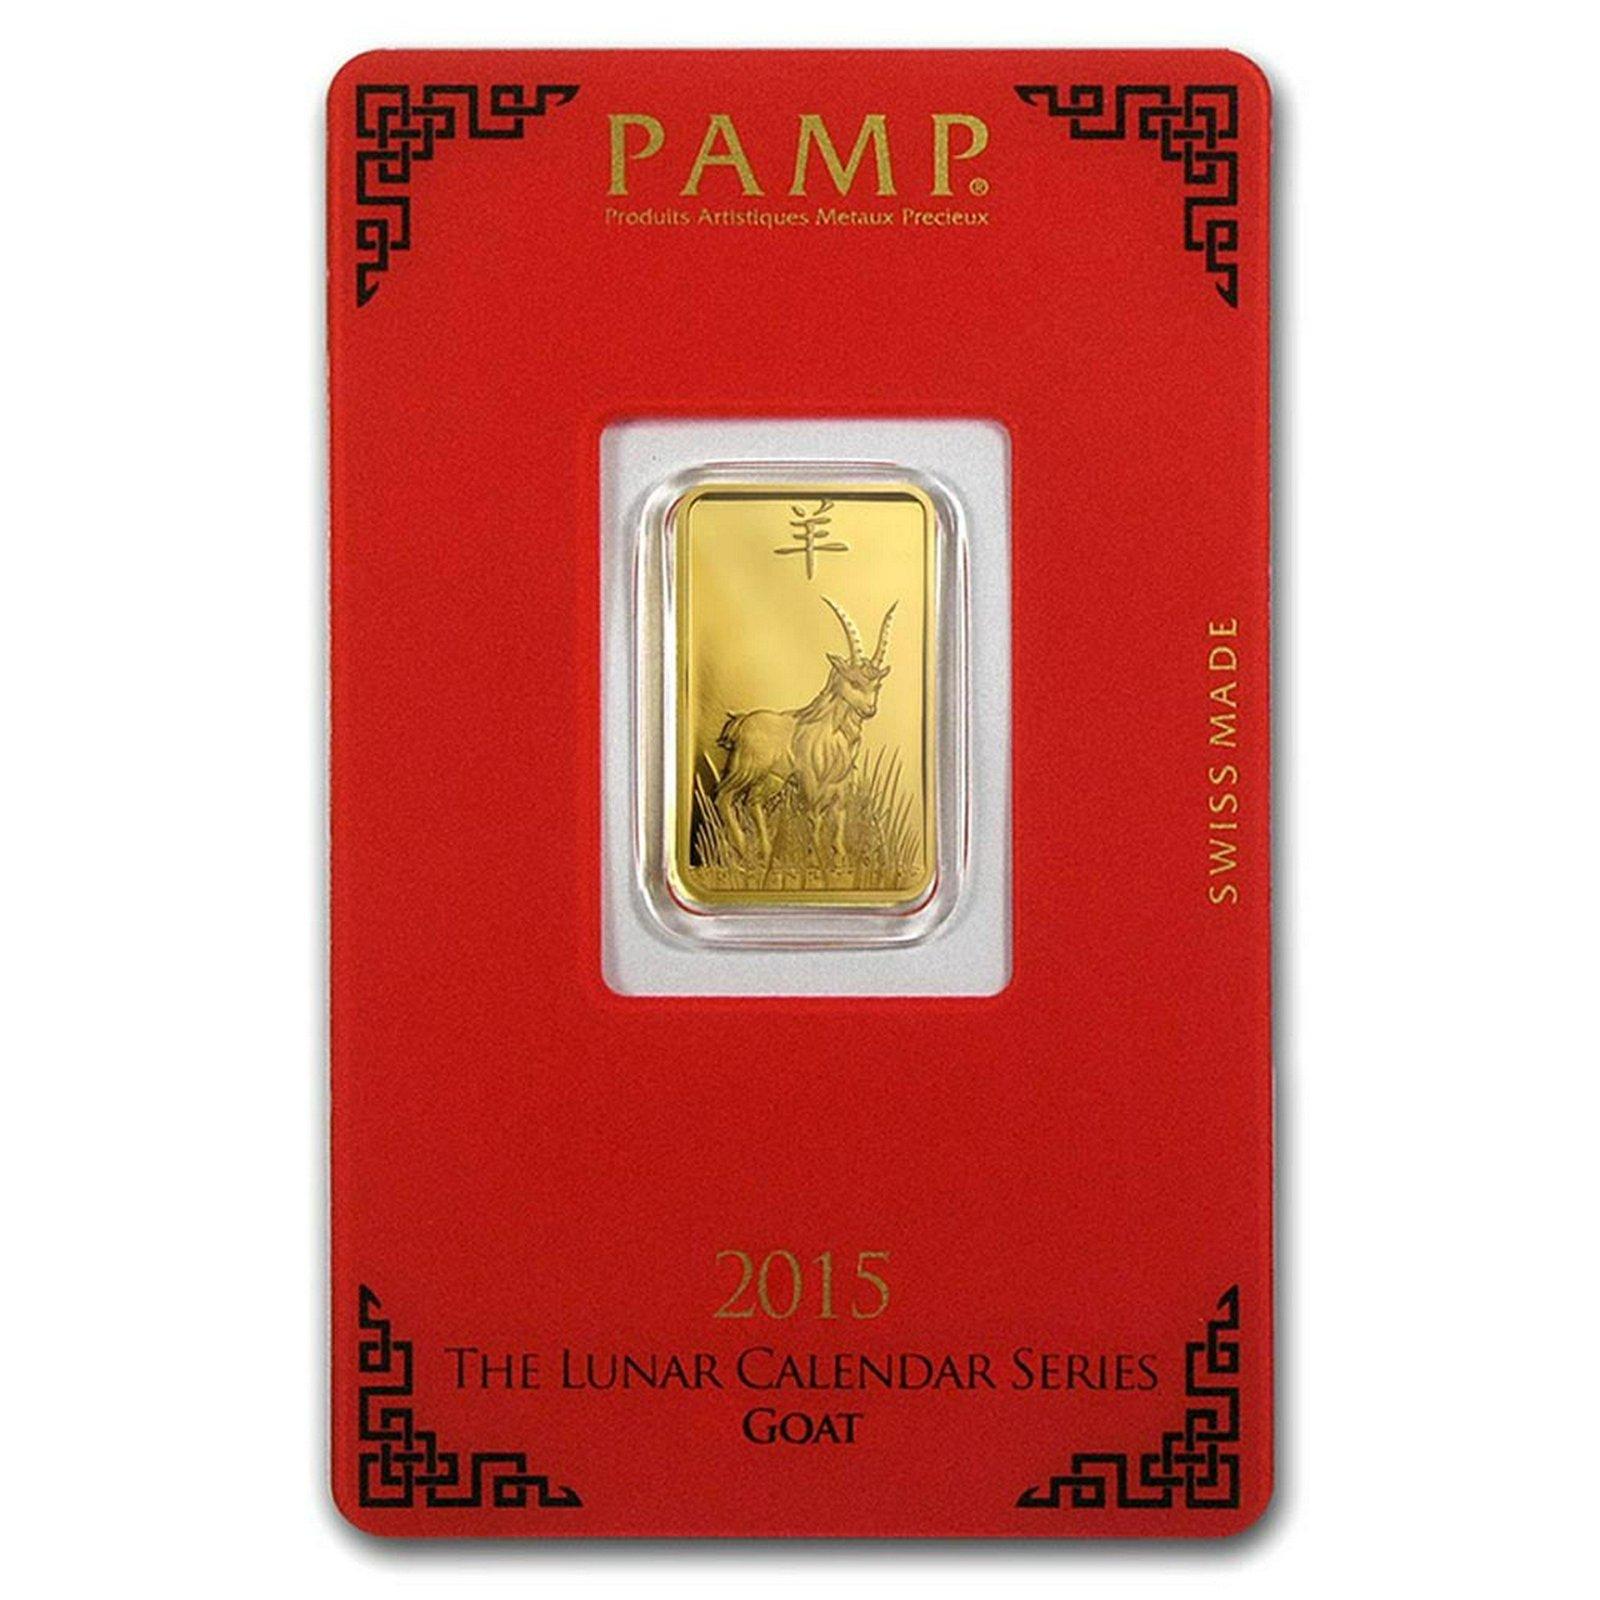 PAMP Suisse 5 Gram Gold Bar 2015 - Goat Design